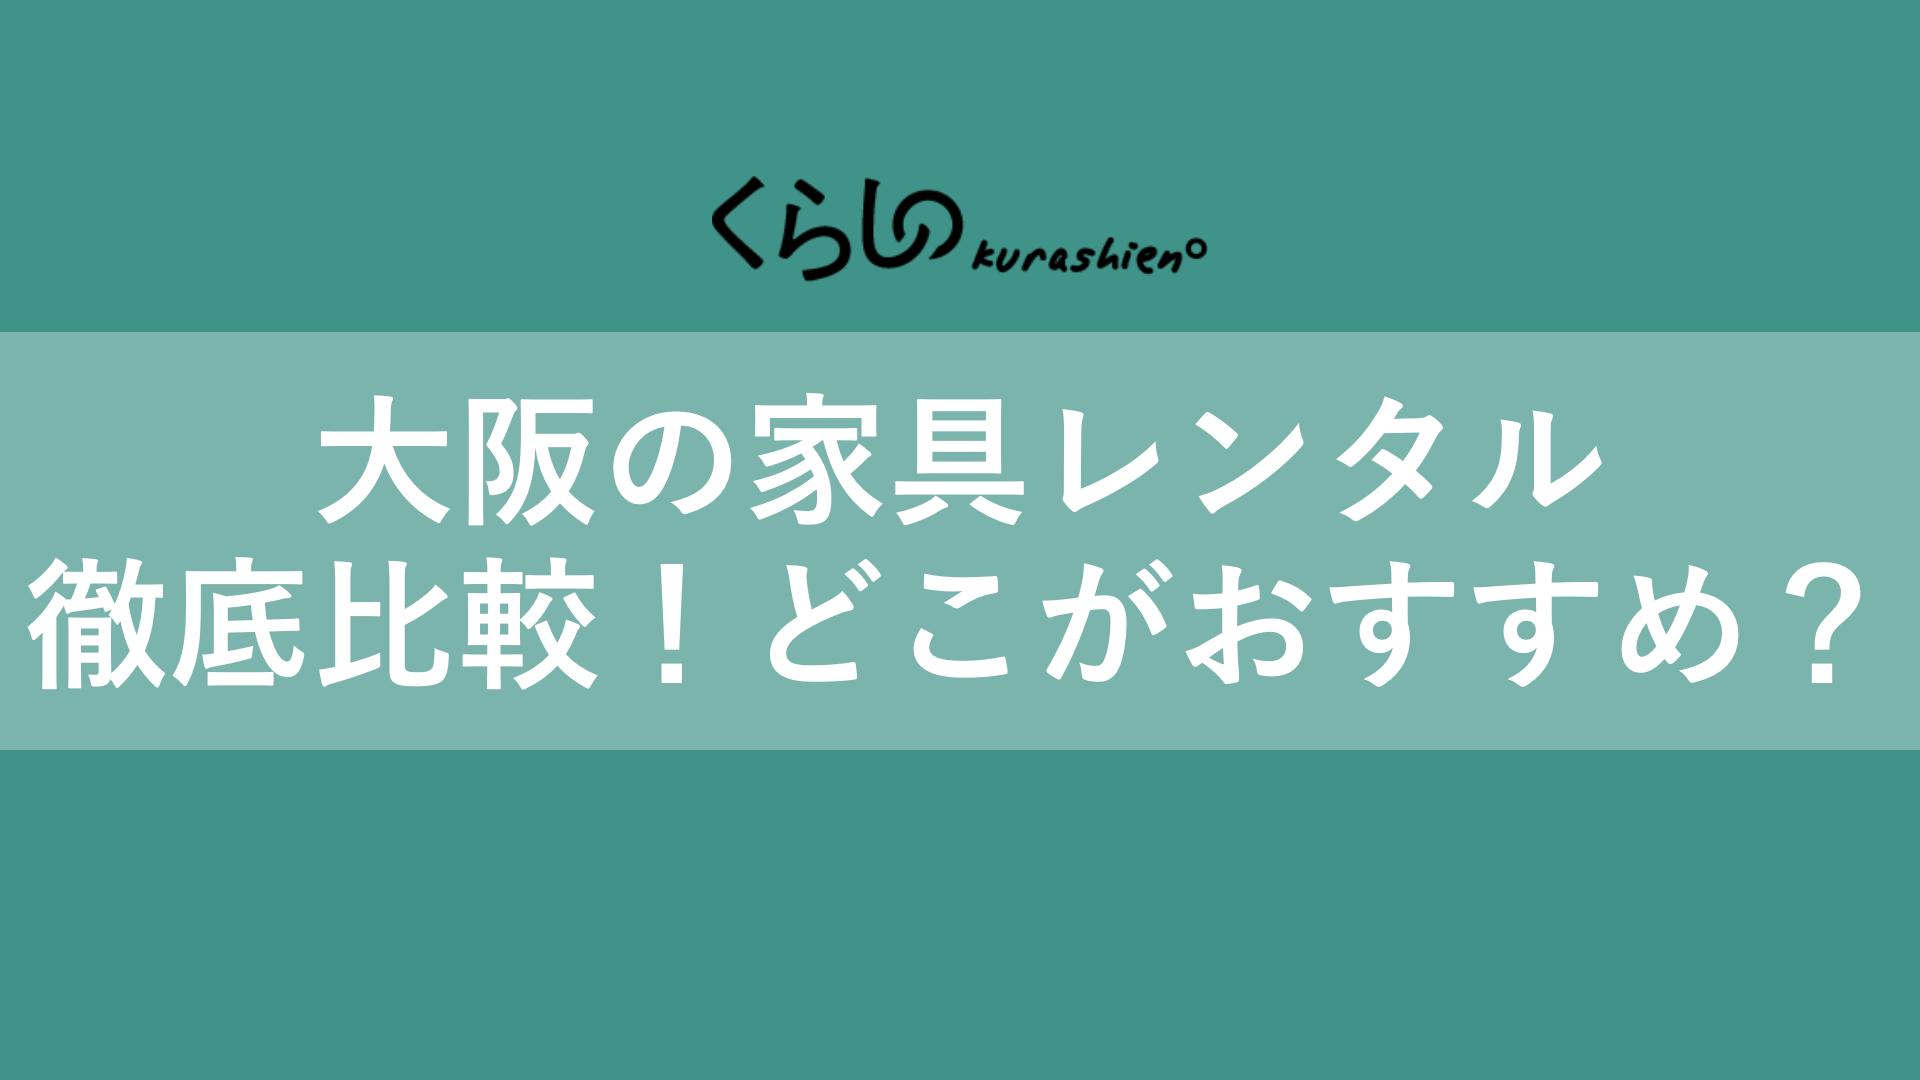 大阪府の家具レンタル徹底比較!どこがおすすめ?評判や口コミも